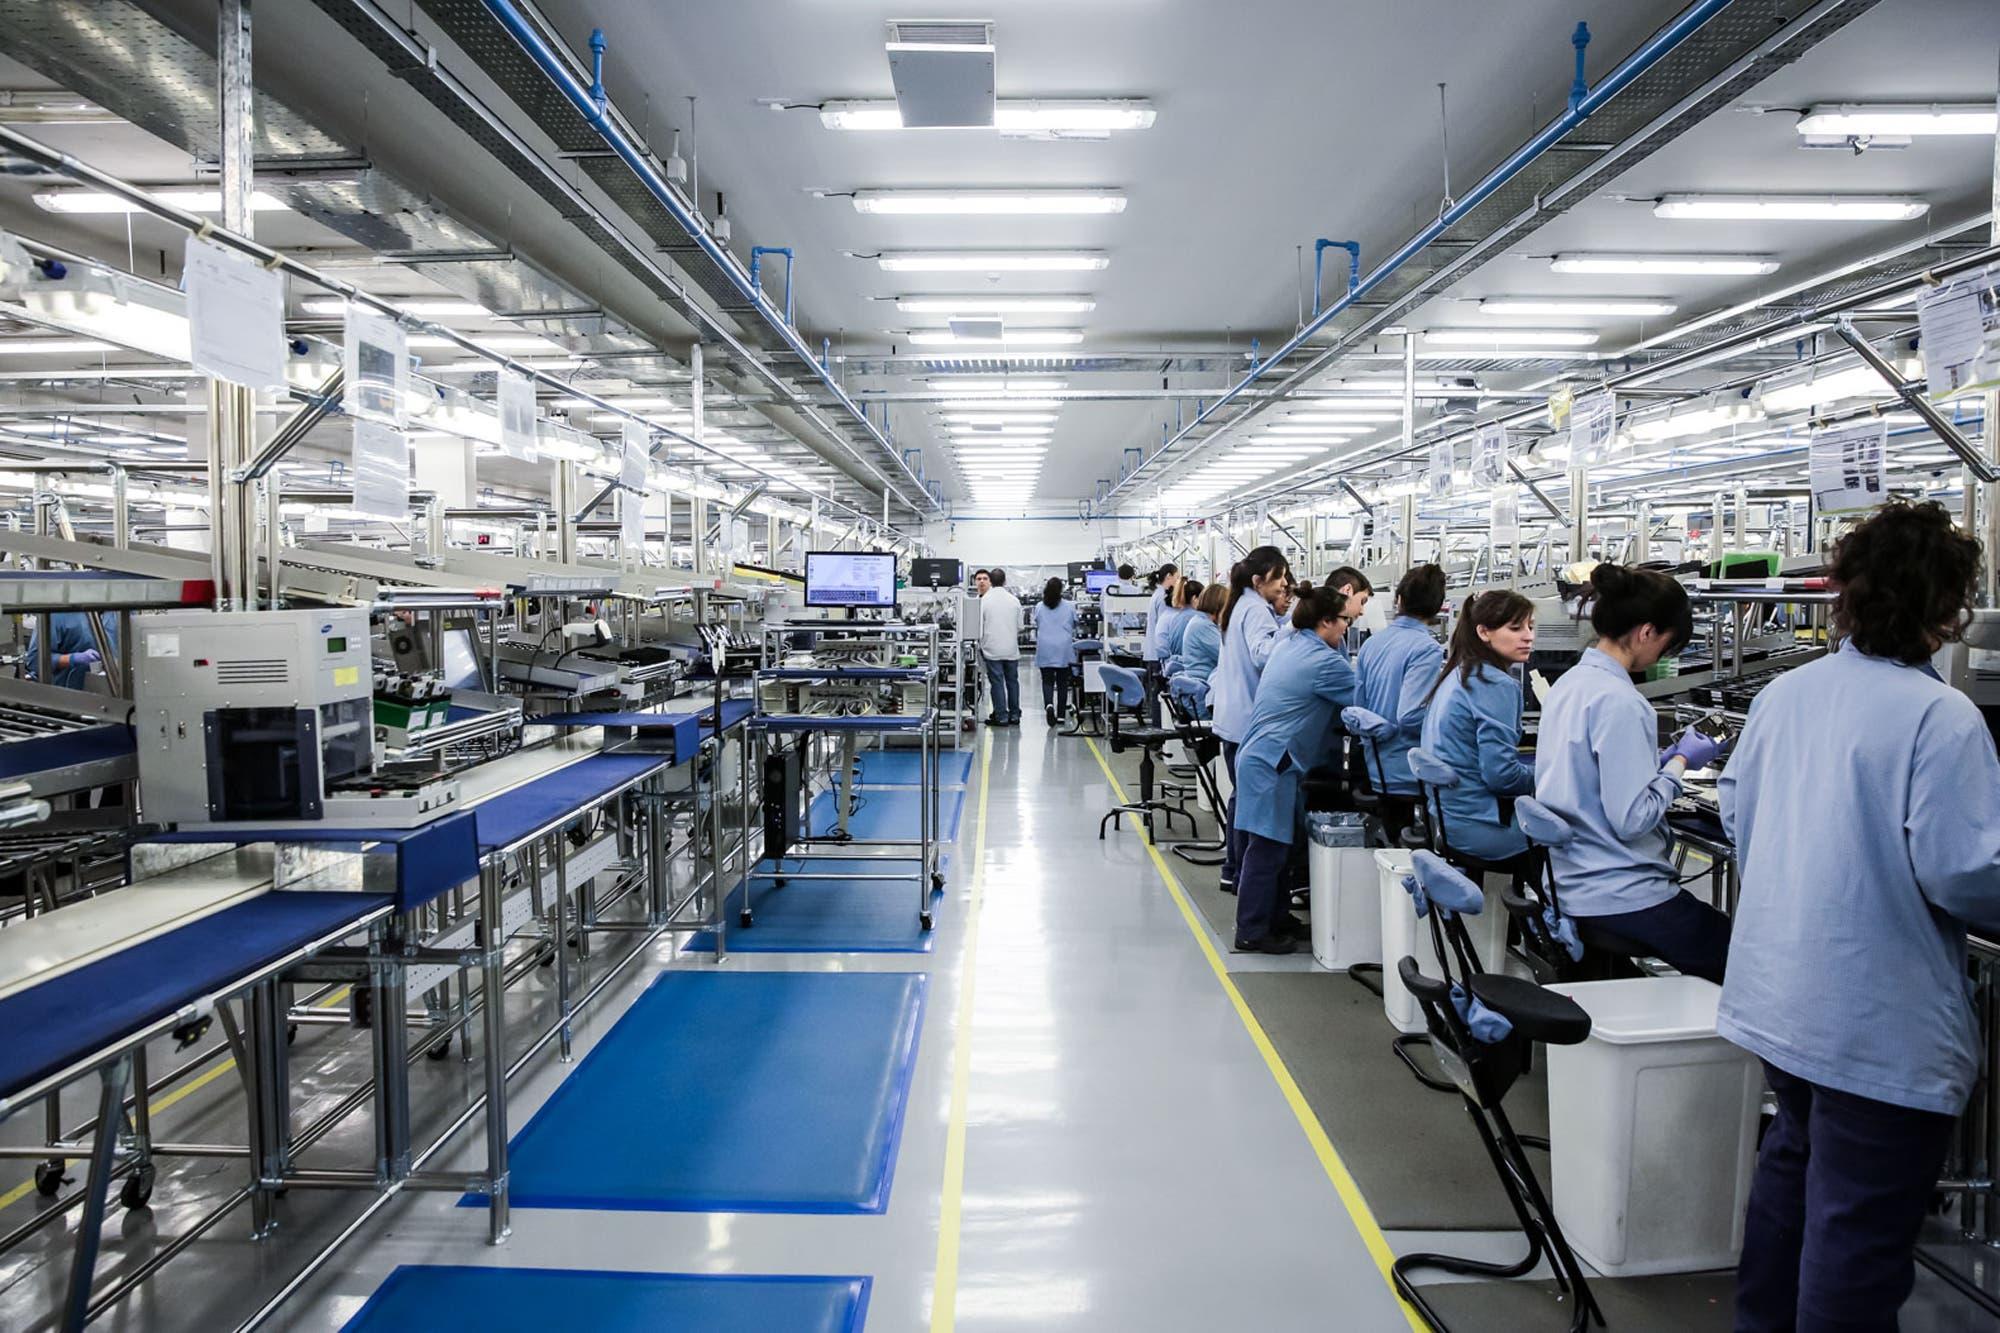 Negocios. Mirgor compró Brightstar, la fabricante local de celulares Samsung y LG, que se va del país